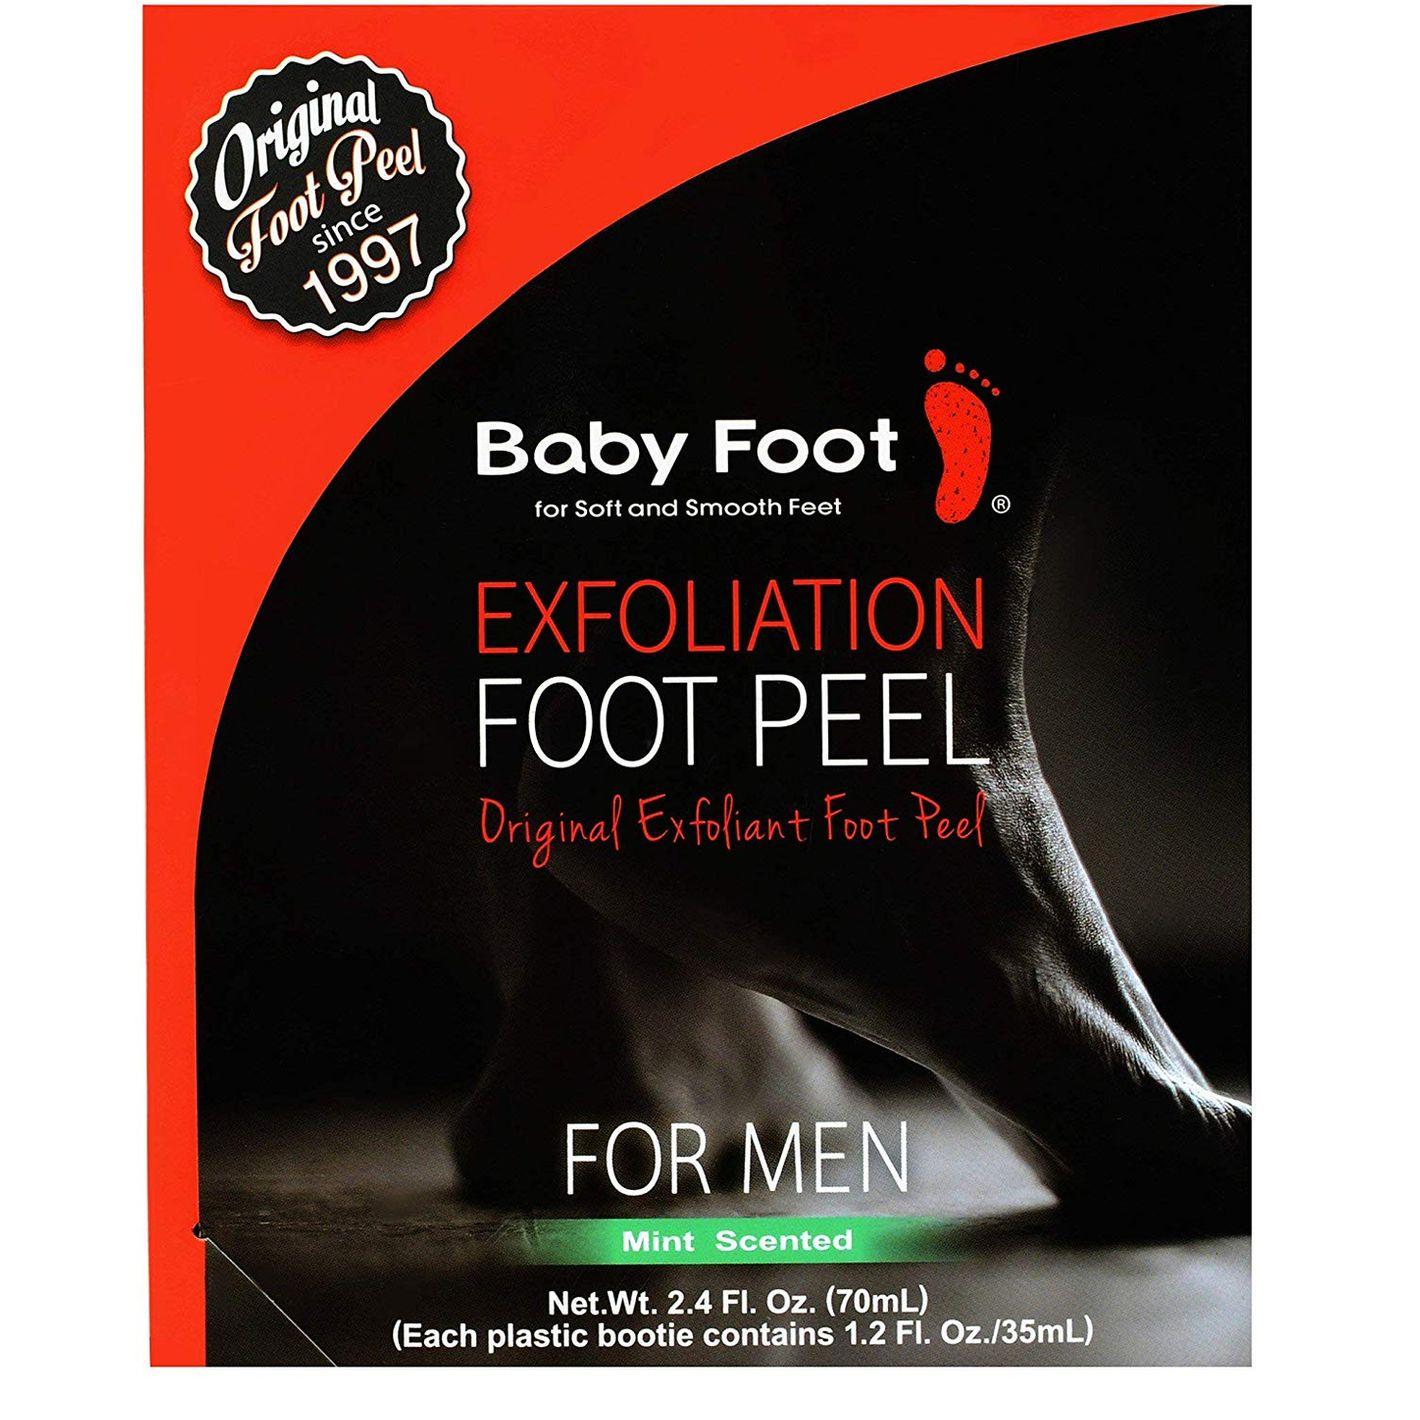 Baby Foot - Exfoliant Foot Peel For Men